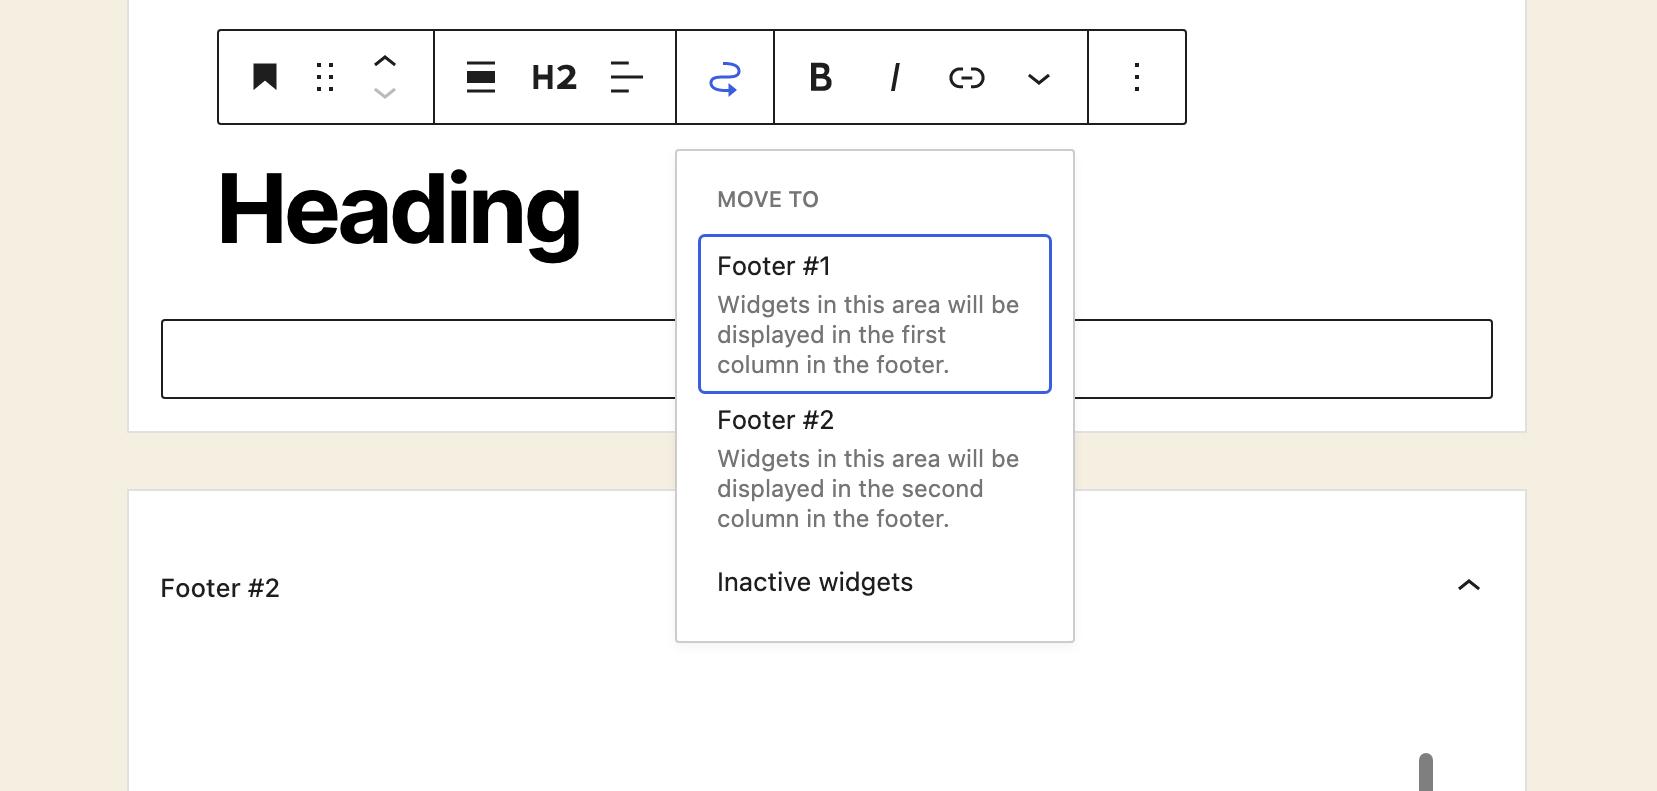 Déplacement de blocs d'un emplacement de widgets à un autre